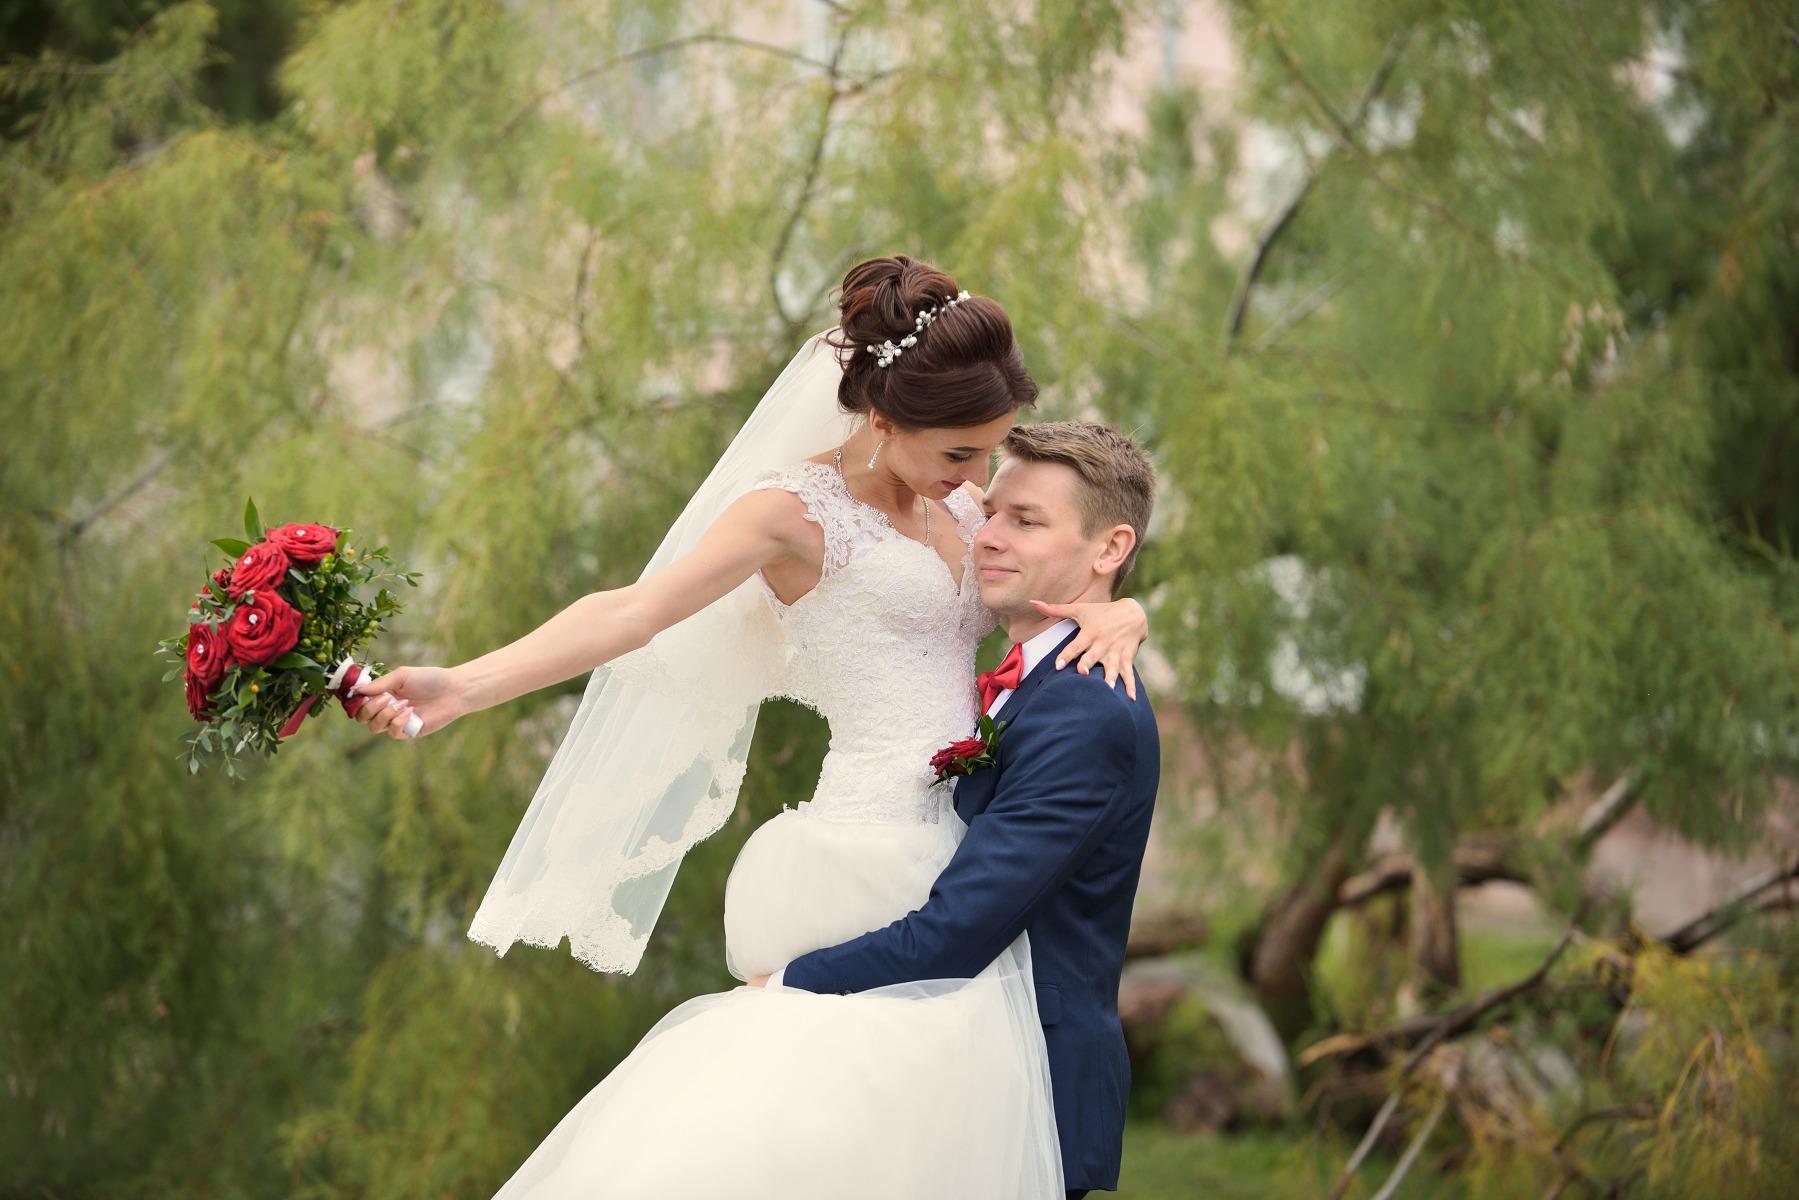 дело том, блог свадебного фотографа умеренных количествах